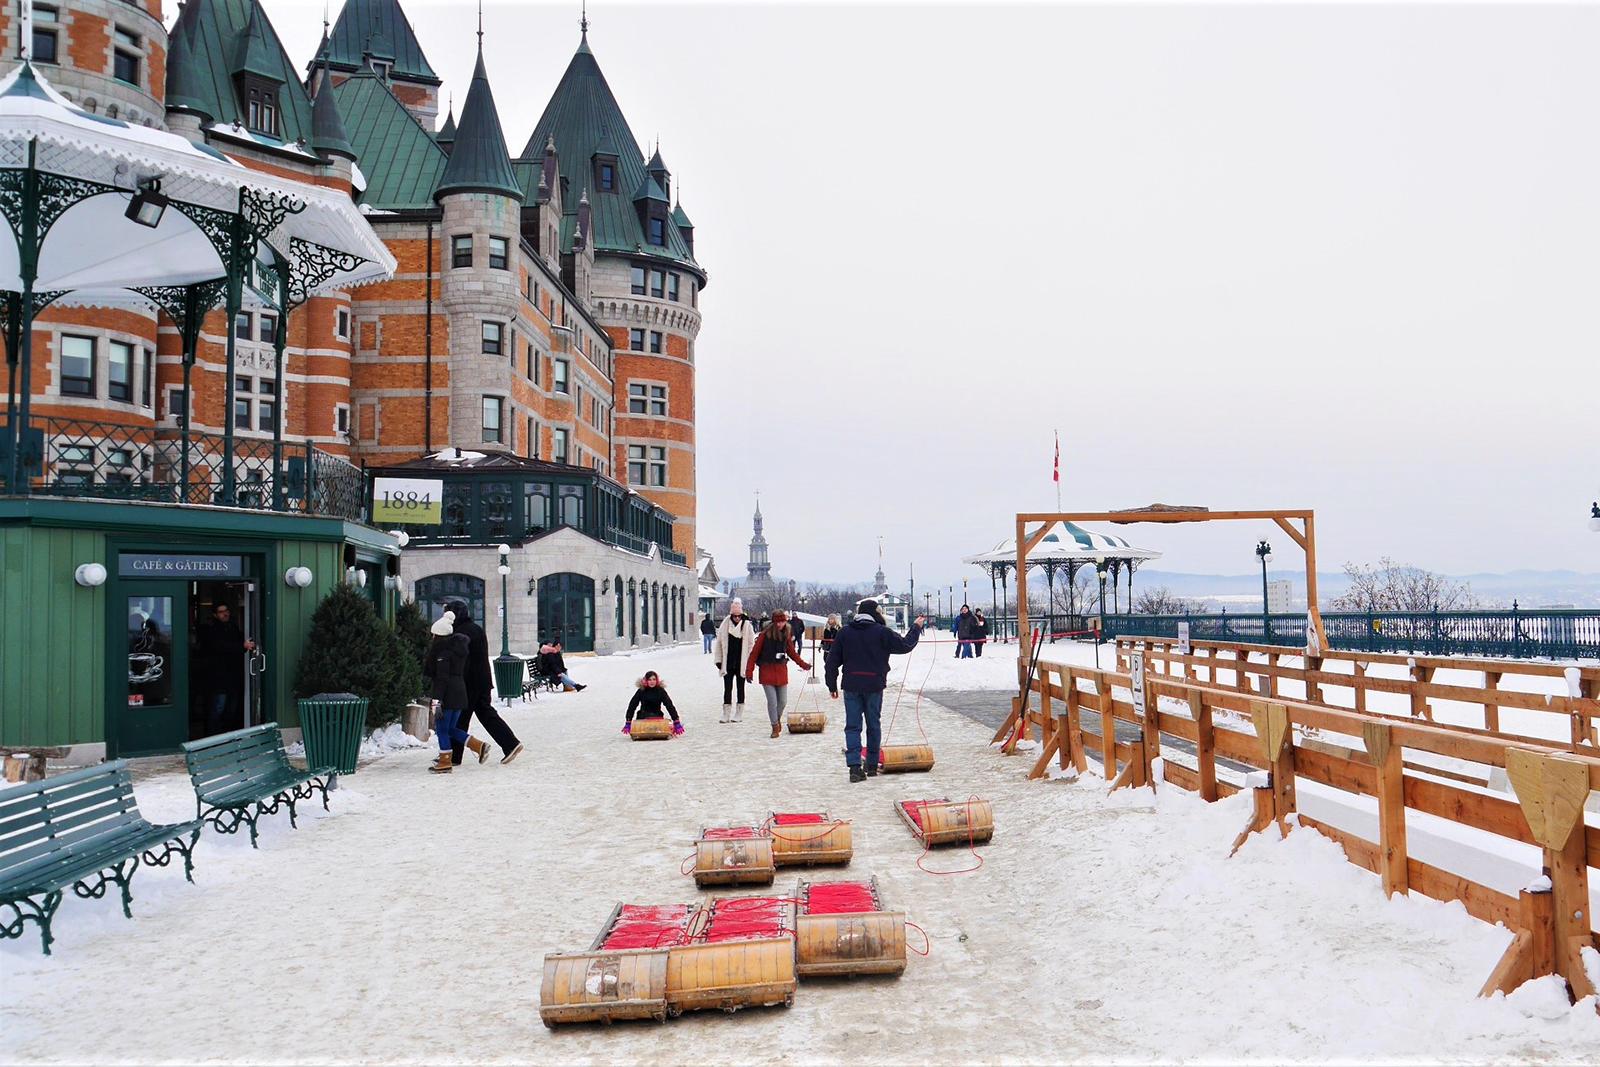 Vue sur le Château de Frontenac depuis la Terrasse Dufferin Québec hiver